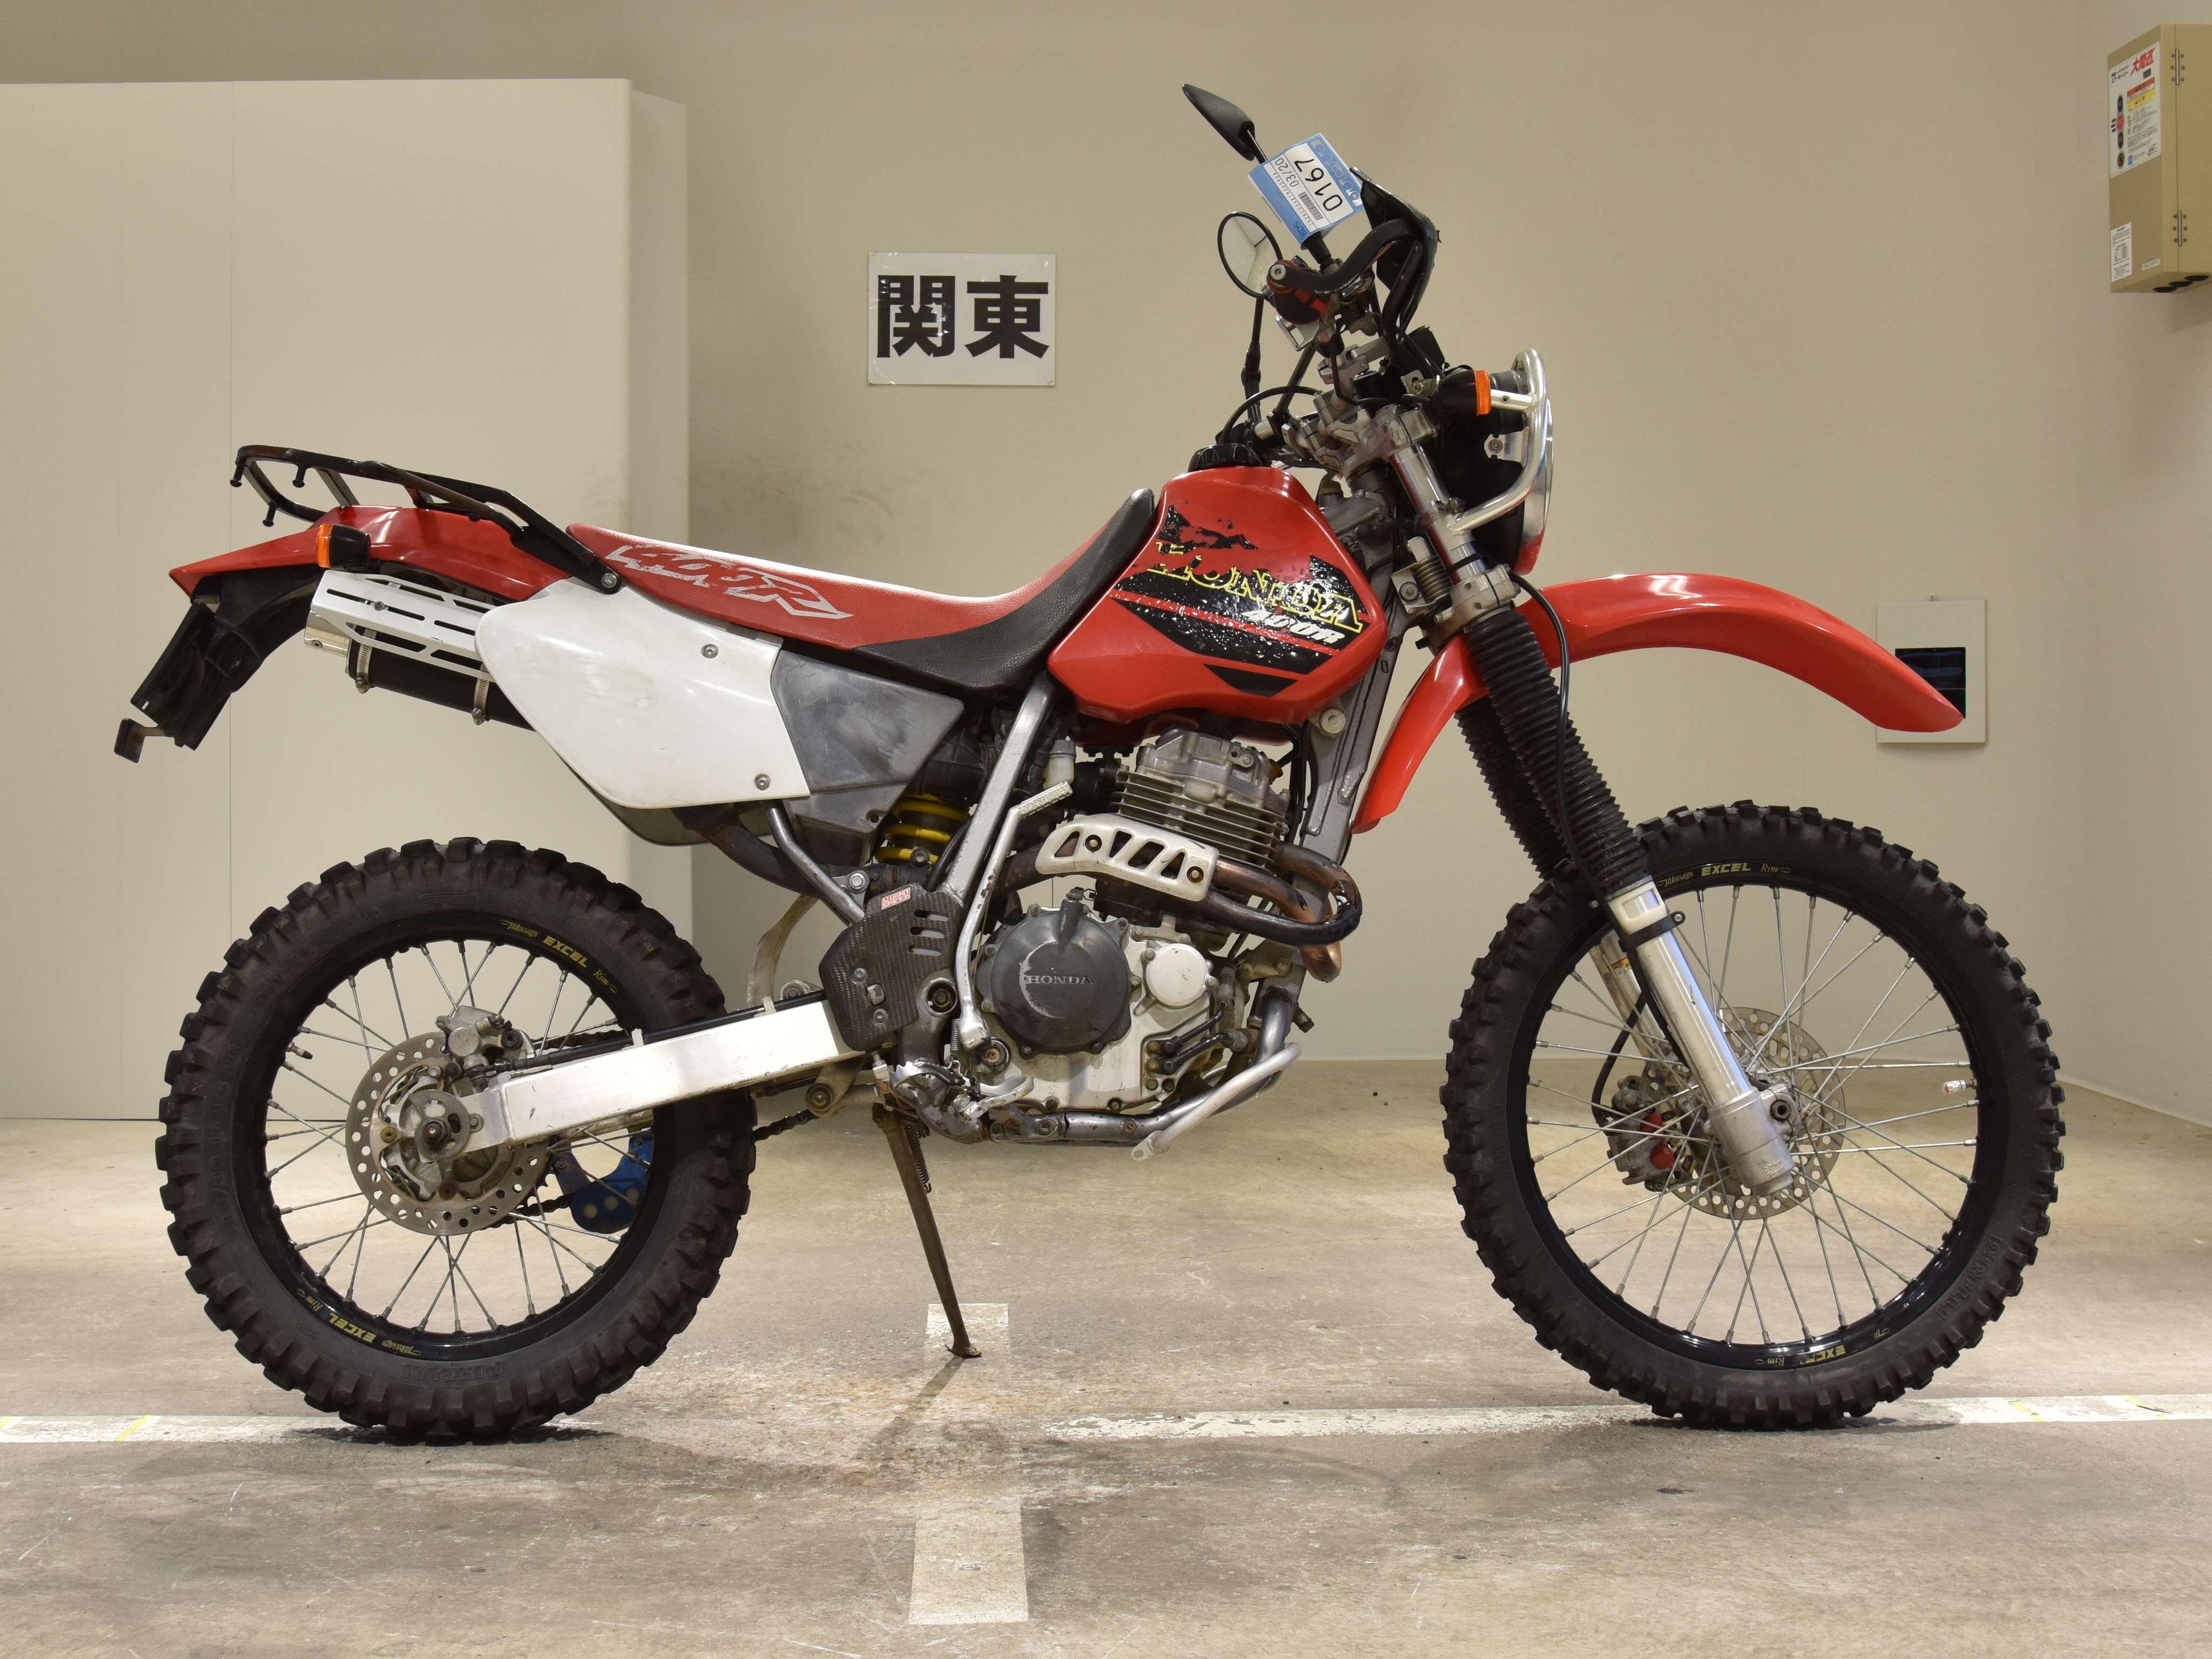 Honda XR 400 (R, Motard)